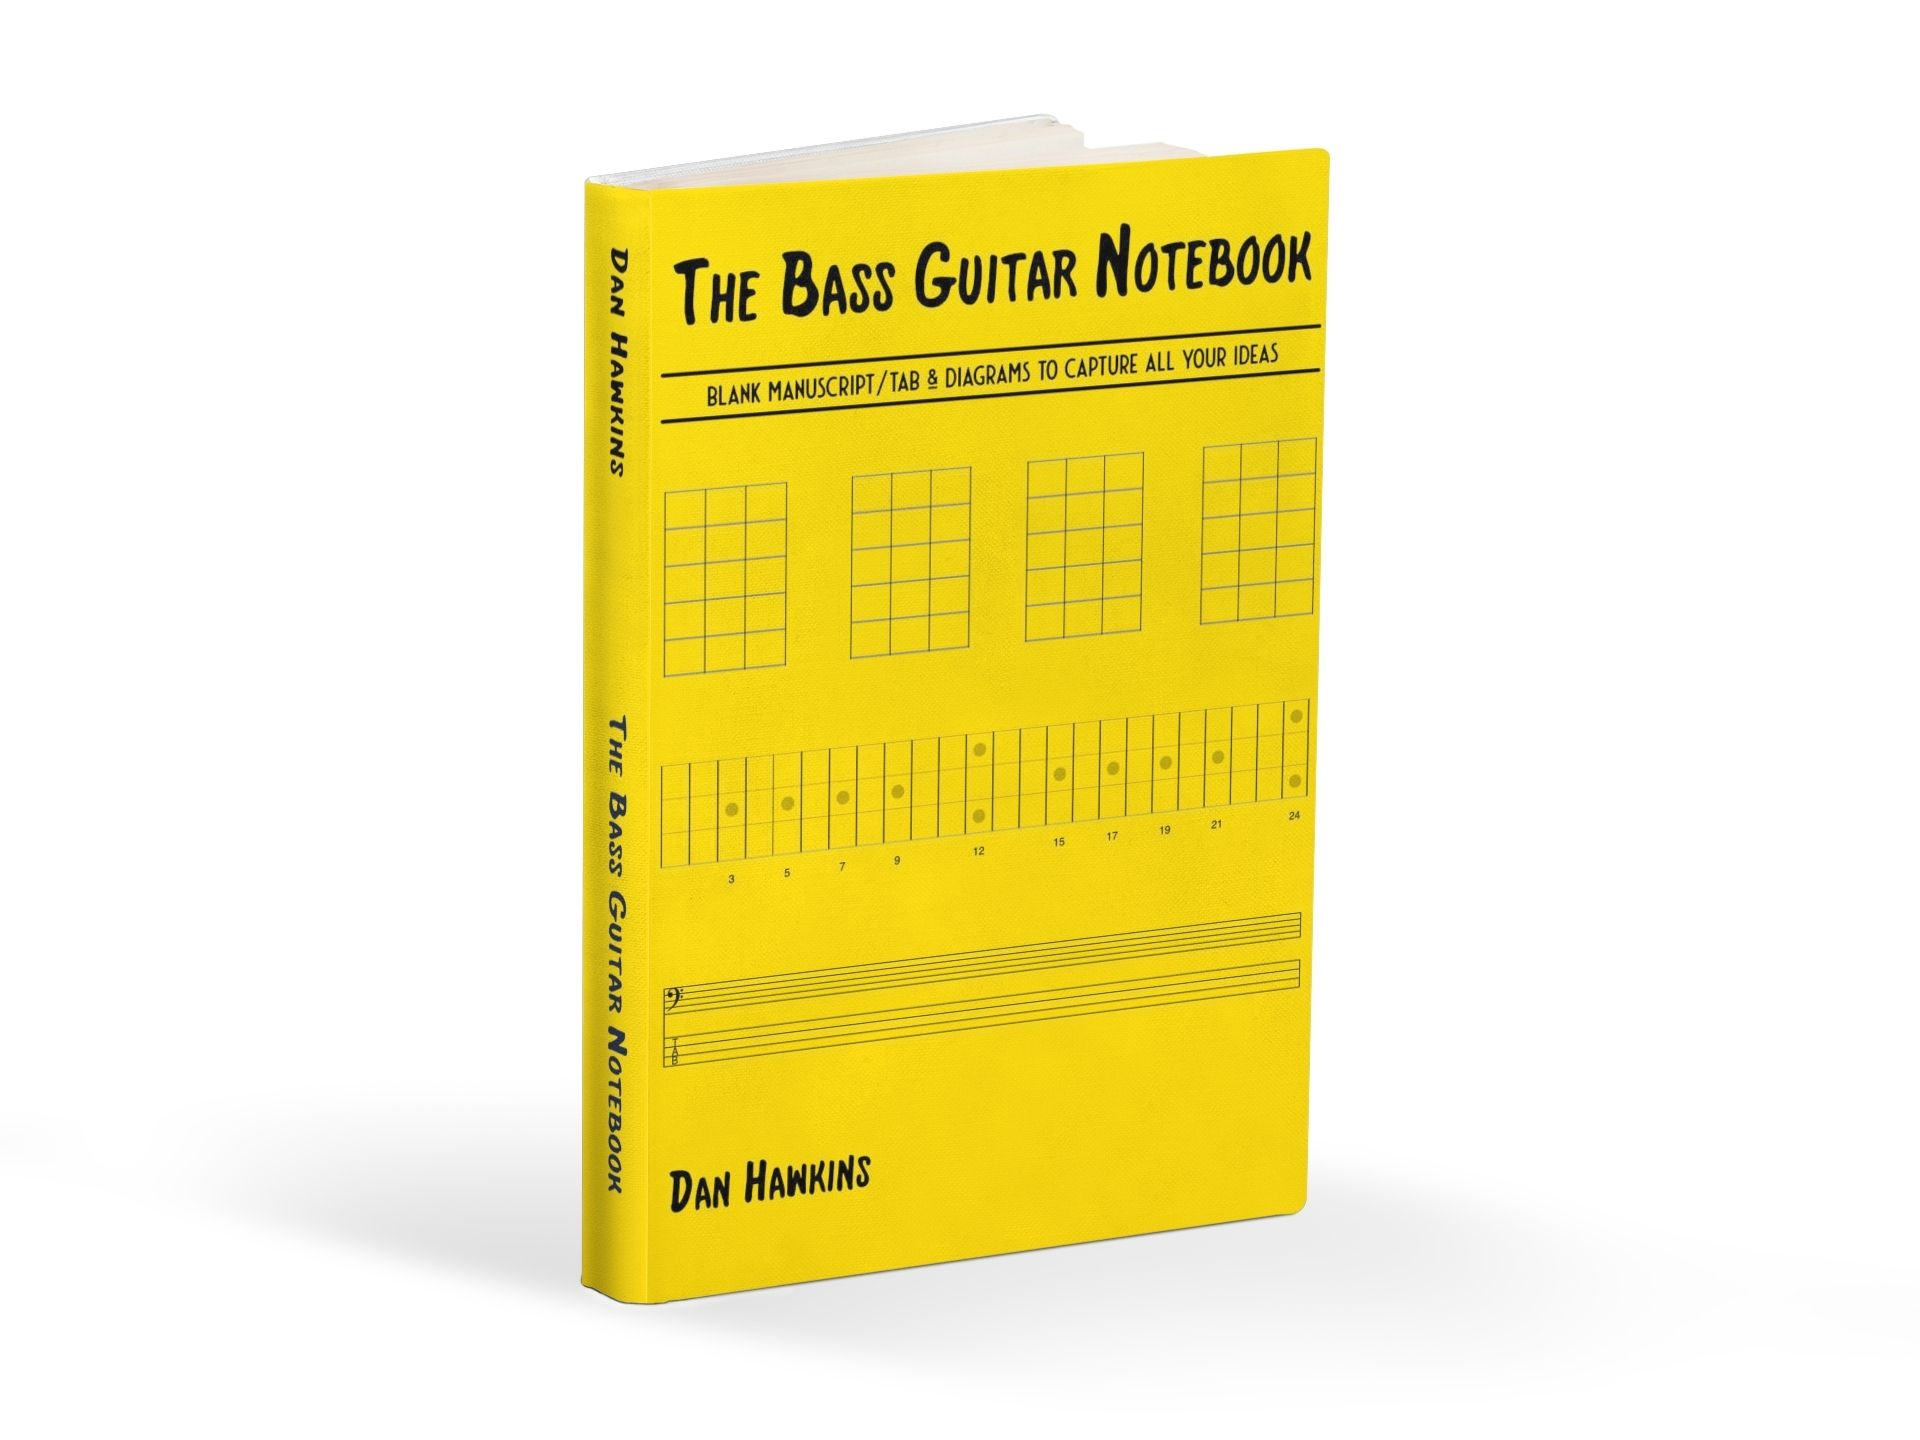 The bass guitar notebook